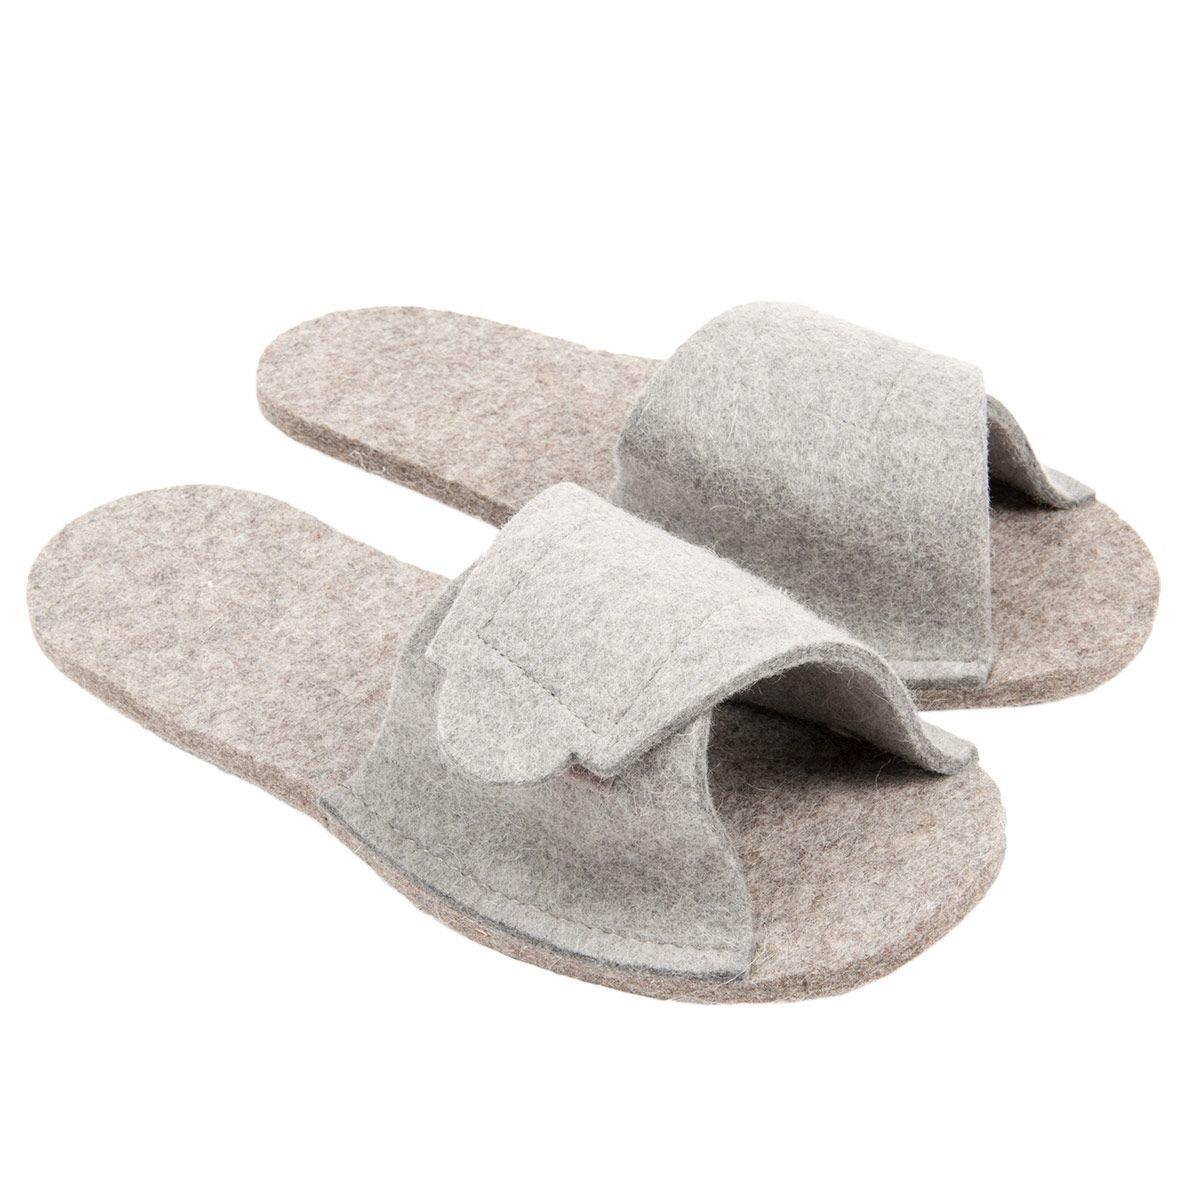 informazioni per autentico l'atteggiamento migliore Pantofole in puro feltro lana da usare come soprascarpa